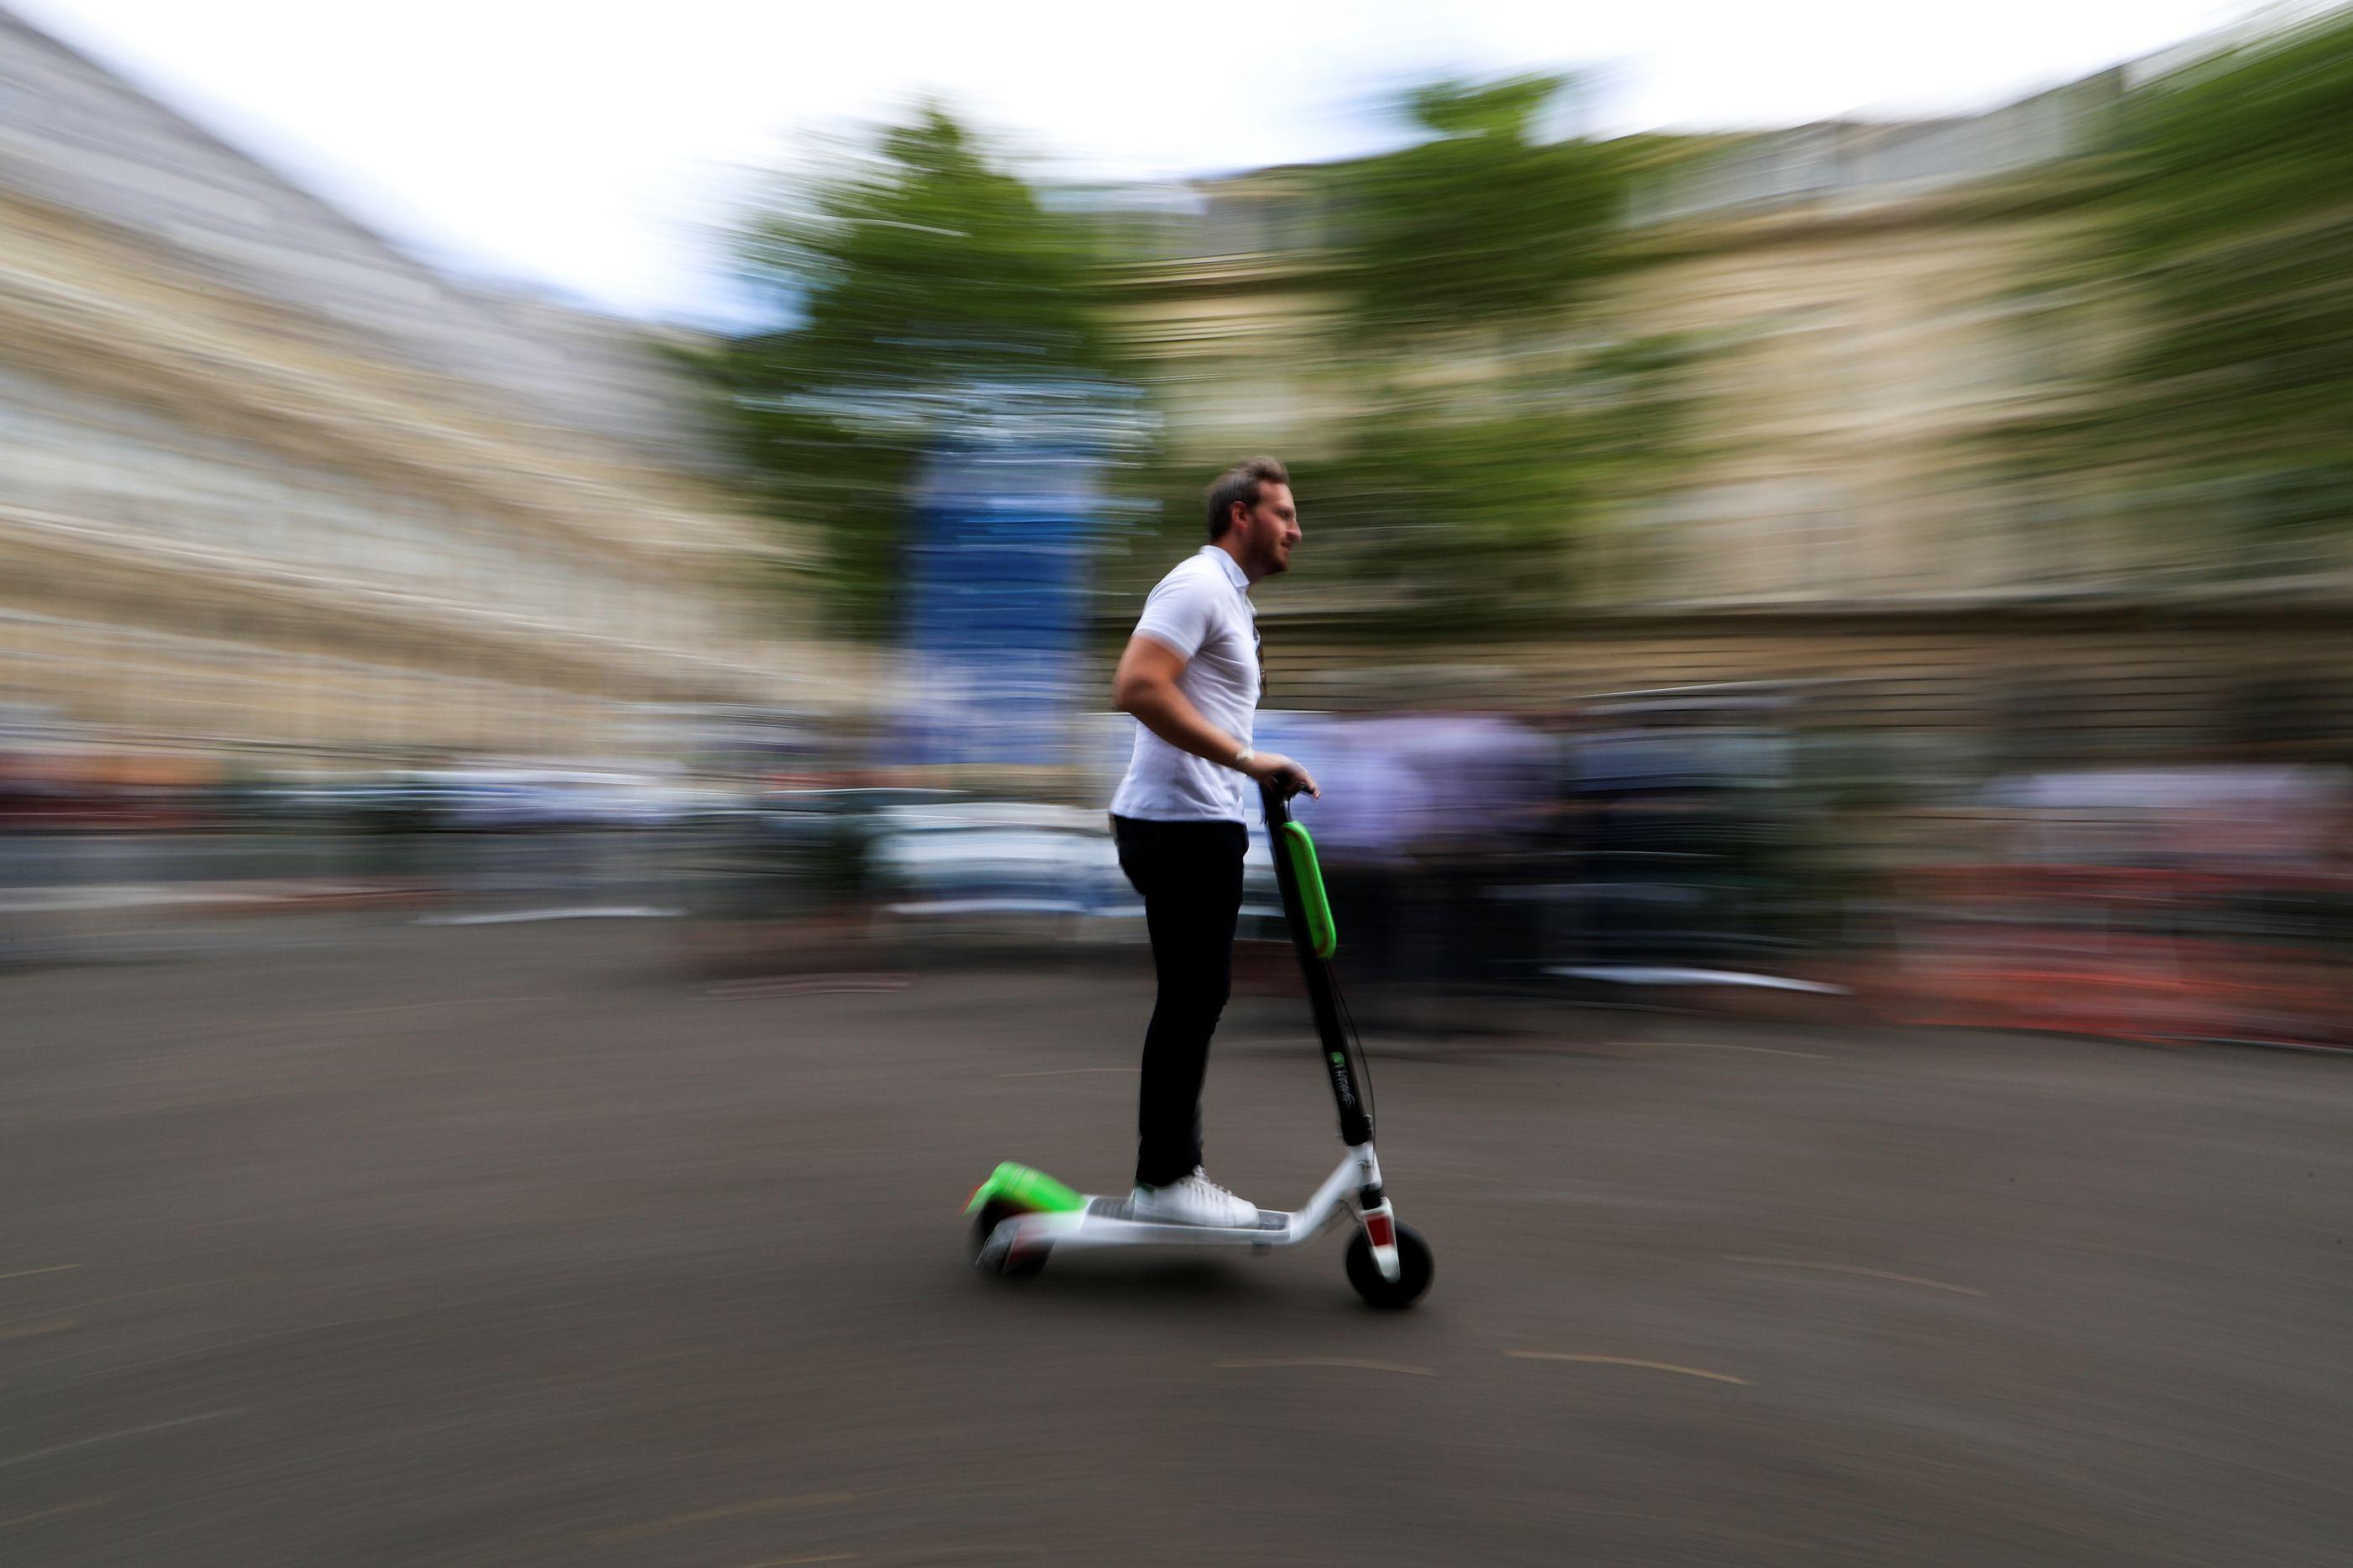 Relatório de acidentes com scooters elétricas não é animador